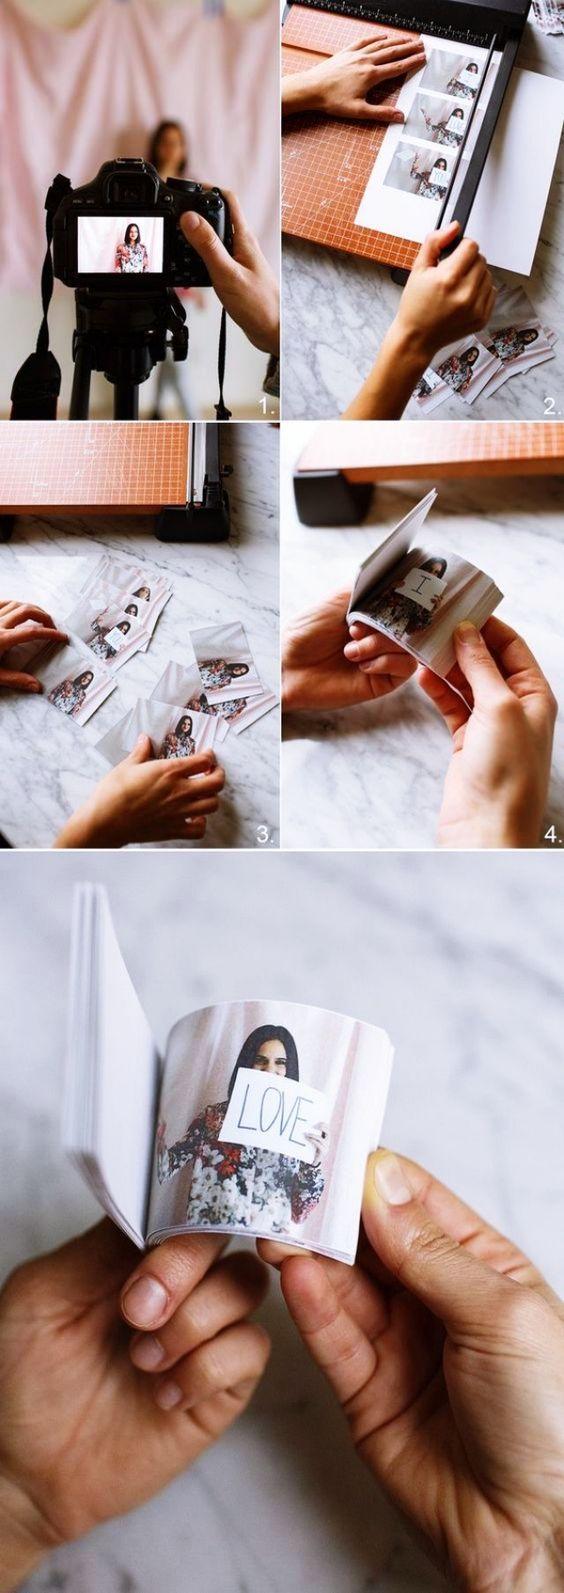 36 Valentine's Day Gifts for Him Boyfriends Creative DIY Crafts #boyfriendgiftsdiy